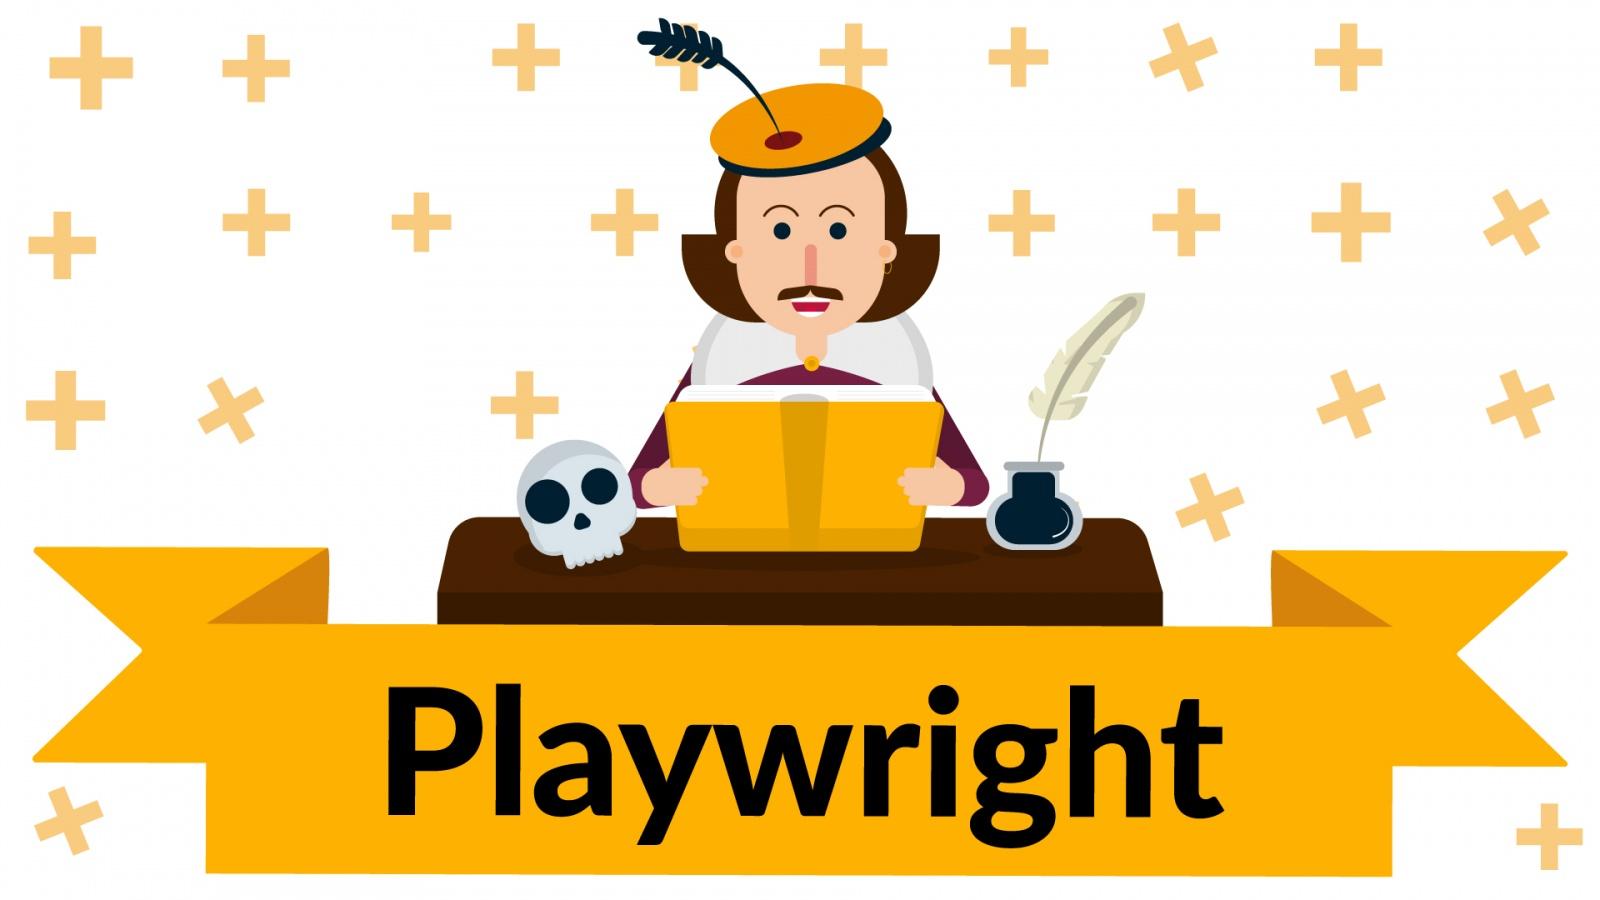 Playwright — драматургия от Microsoft и новый инструмент для тестирования - 1